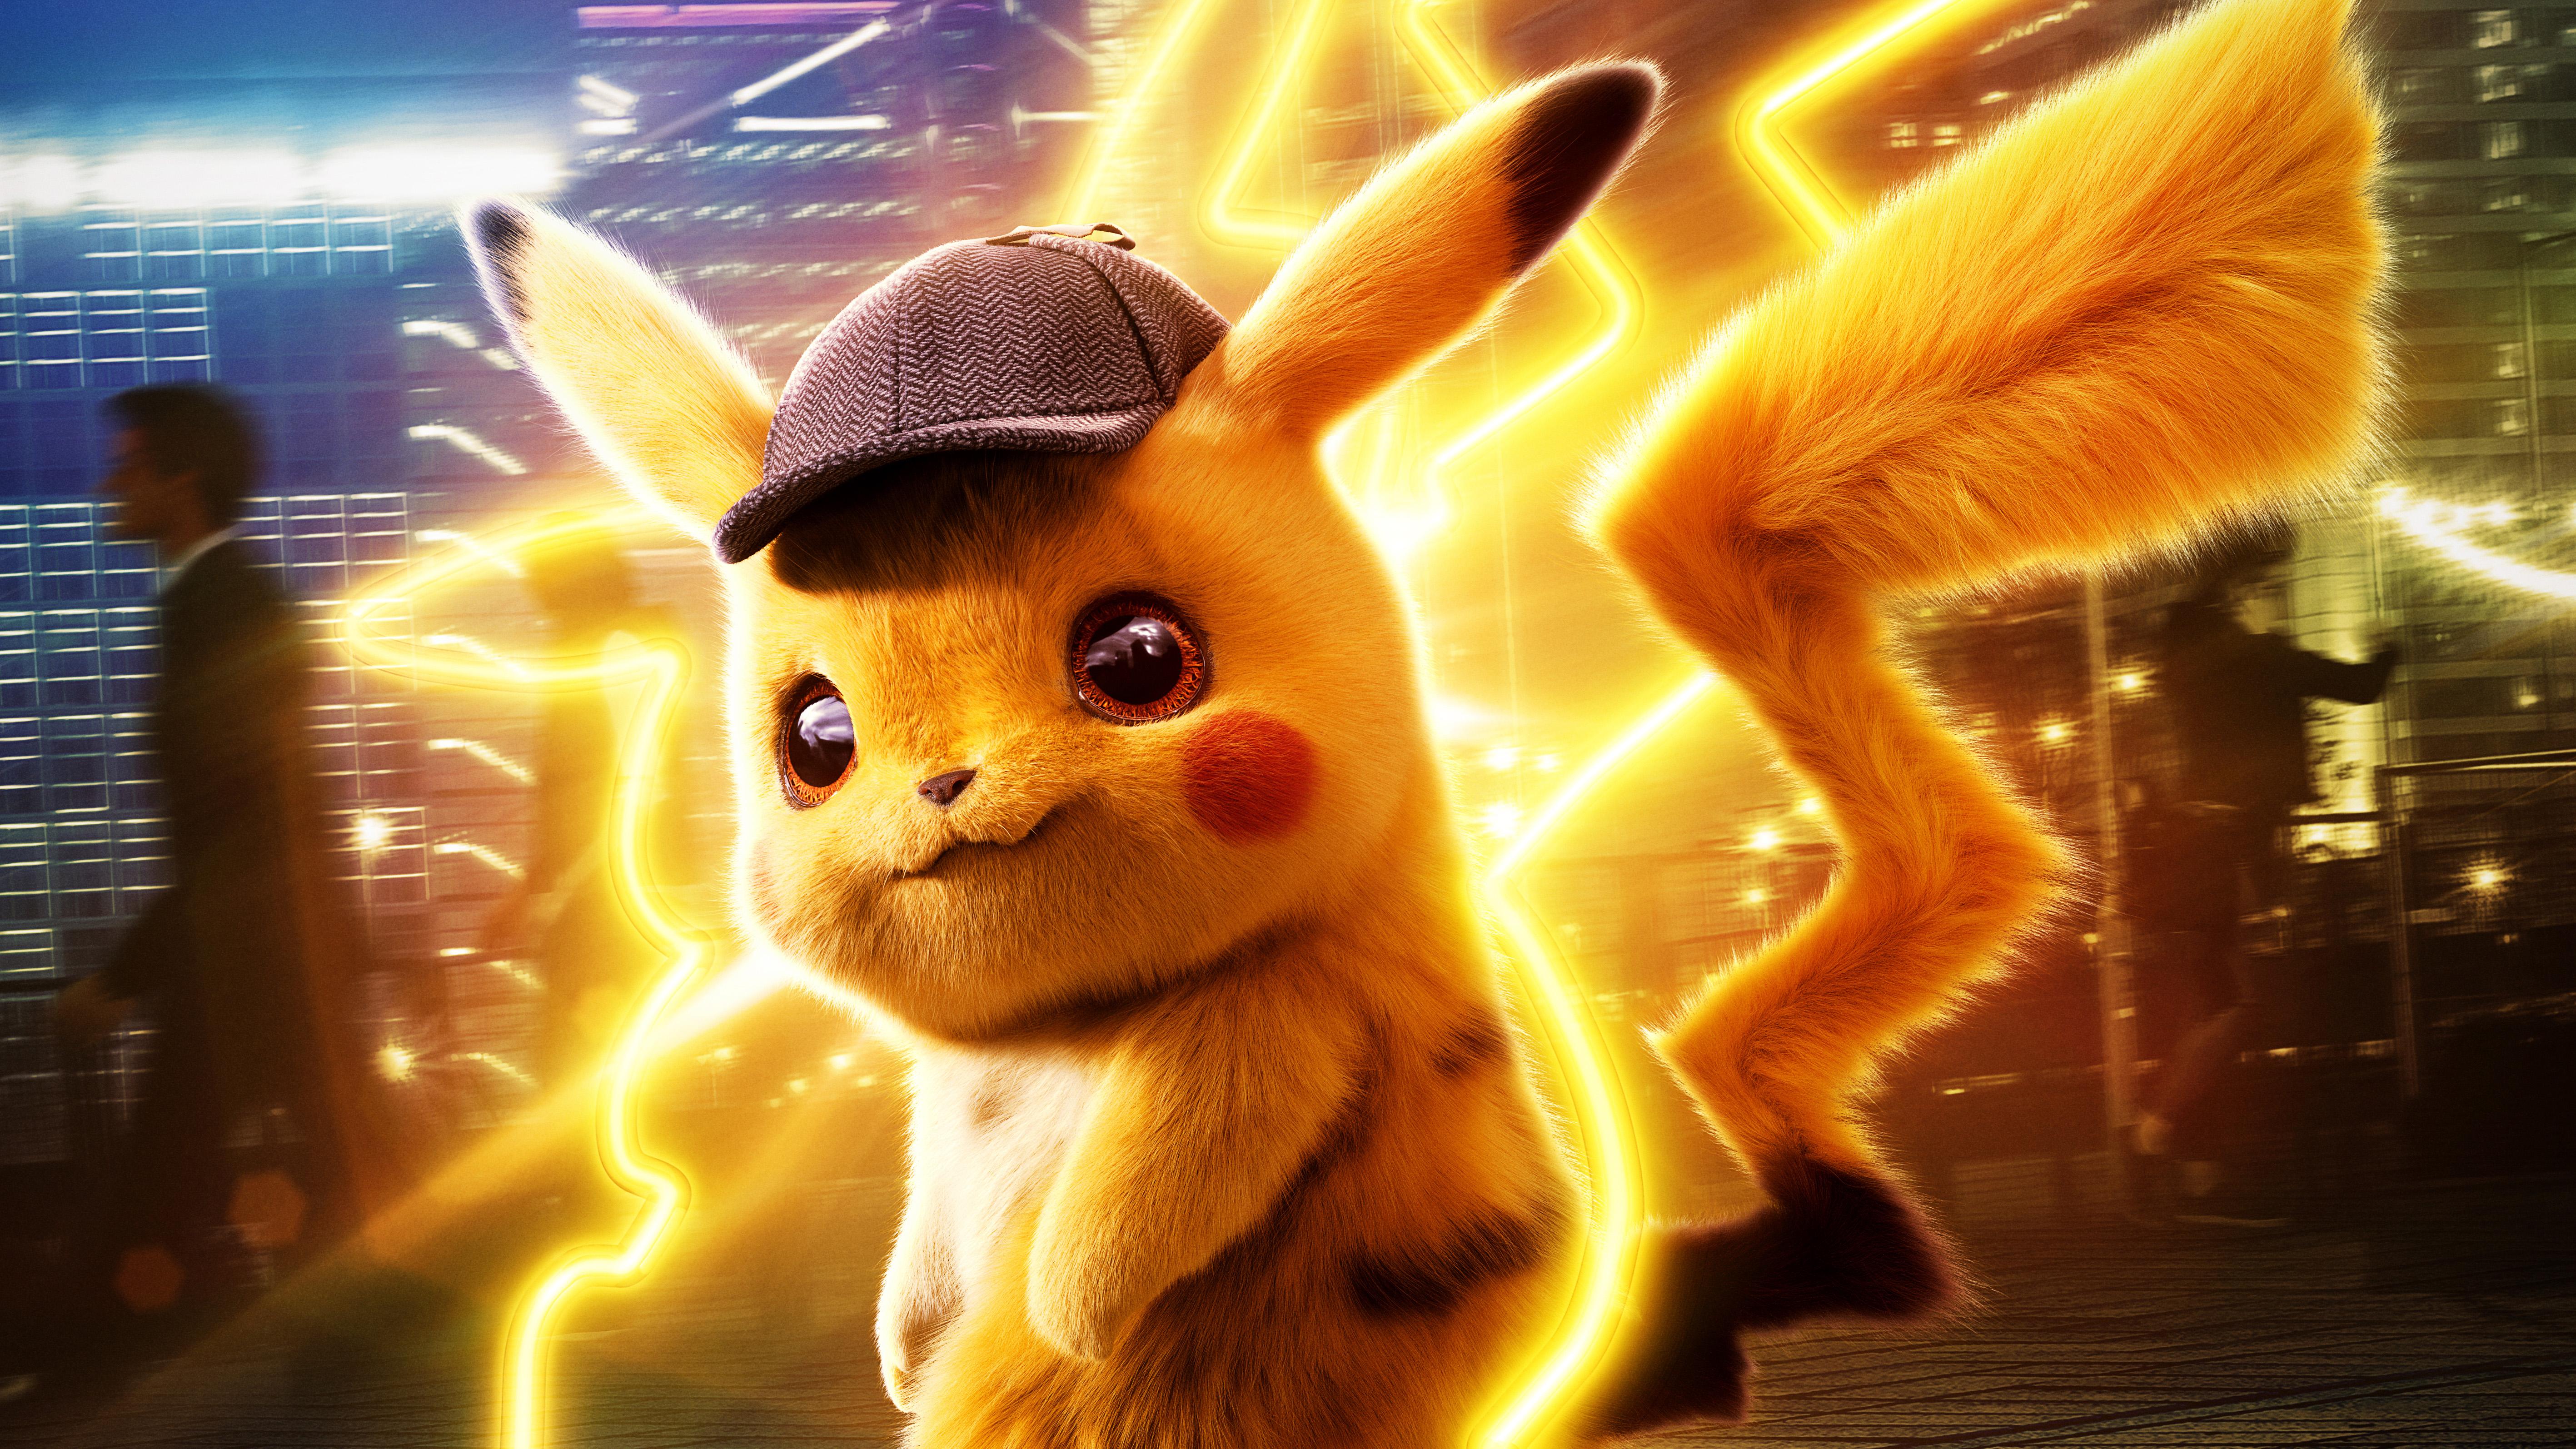 Pokemon Detective Pikachu 5k Hd Movies 4k Wallpapers